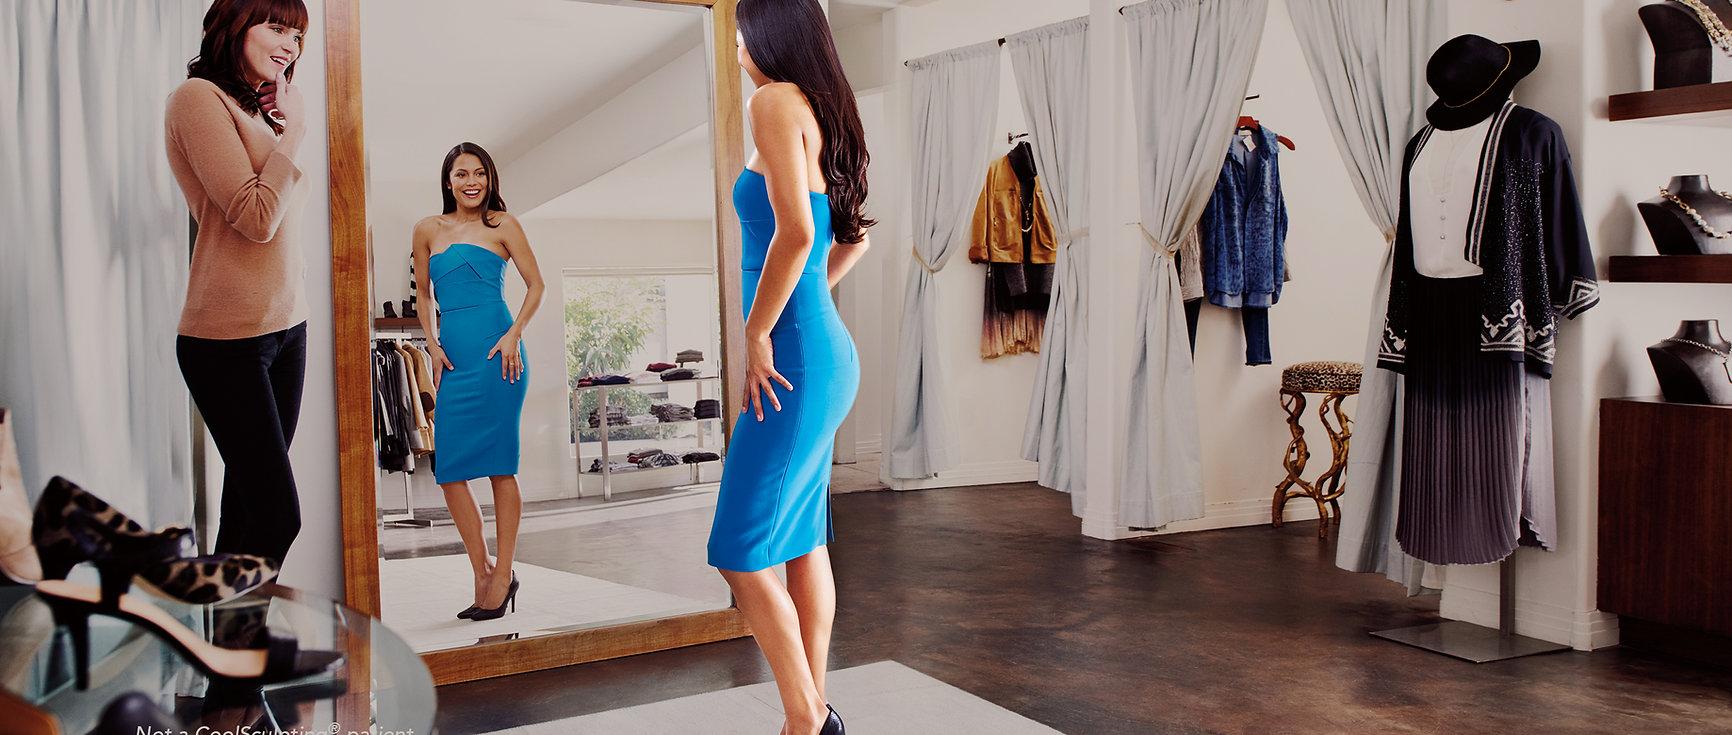 FNM2.0-Female+DressingRoom_v2.jpg